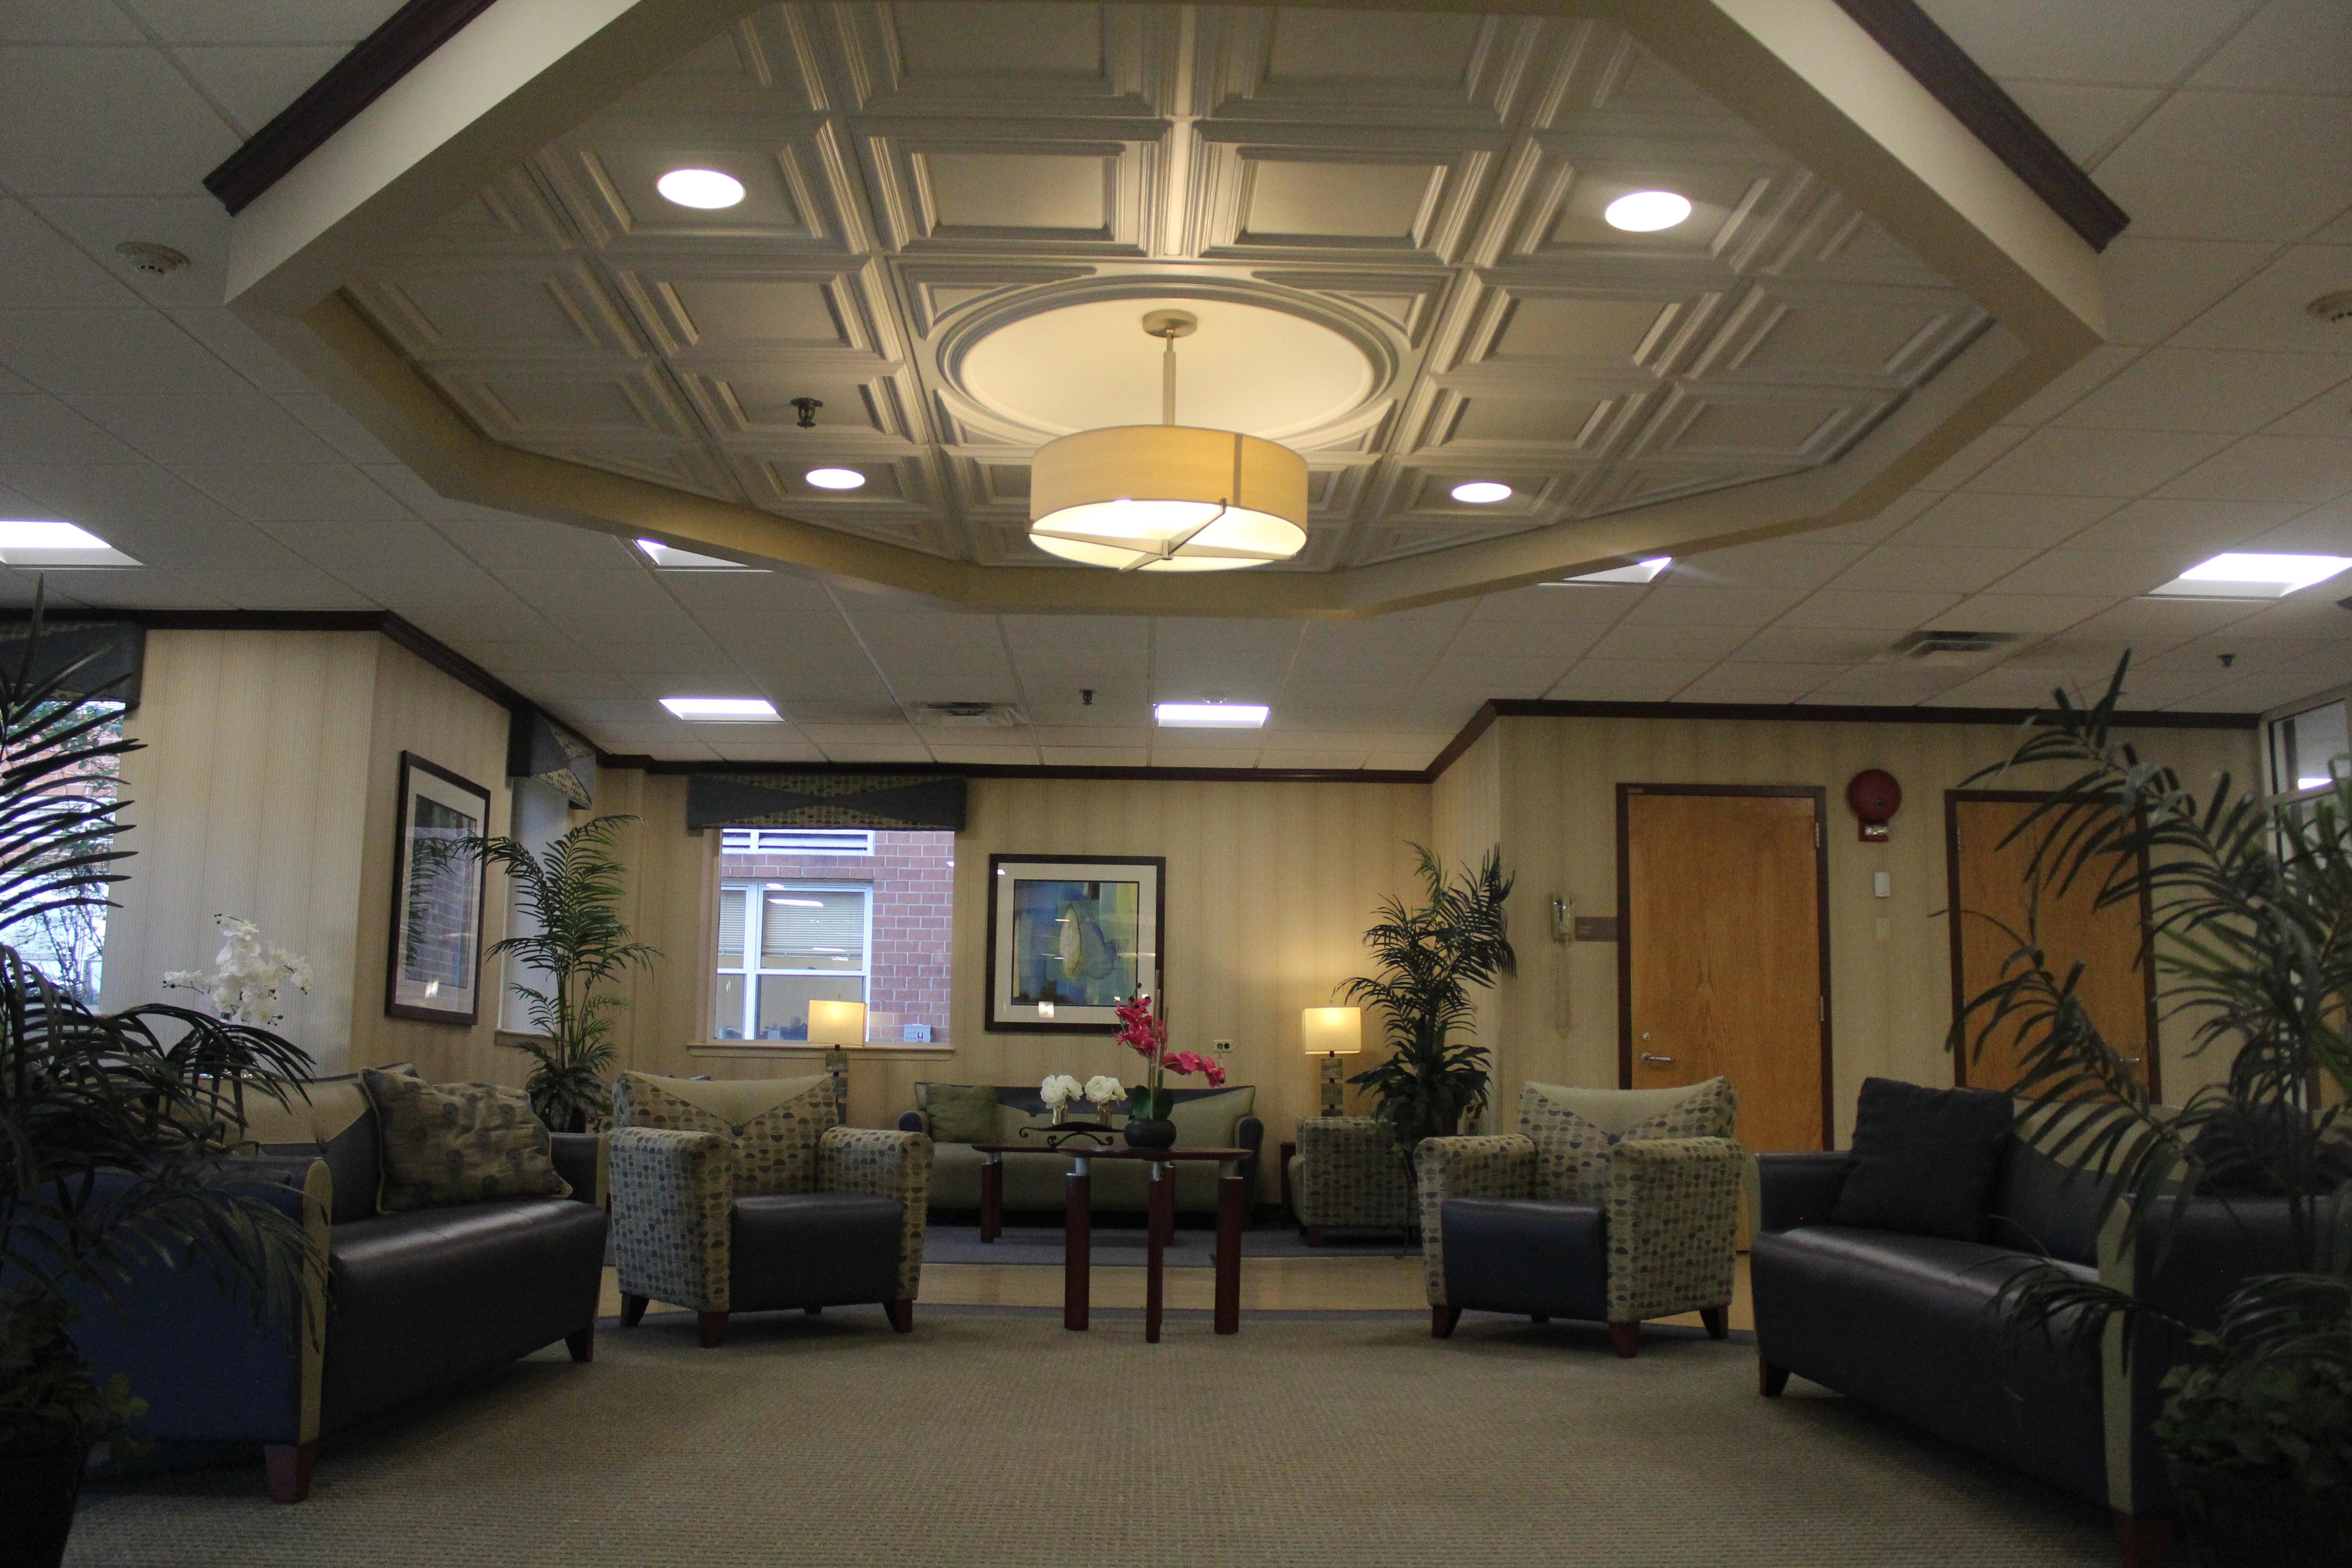 Home - Nassau Rehabilitation & Nursing Center